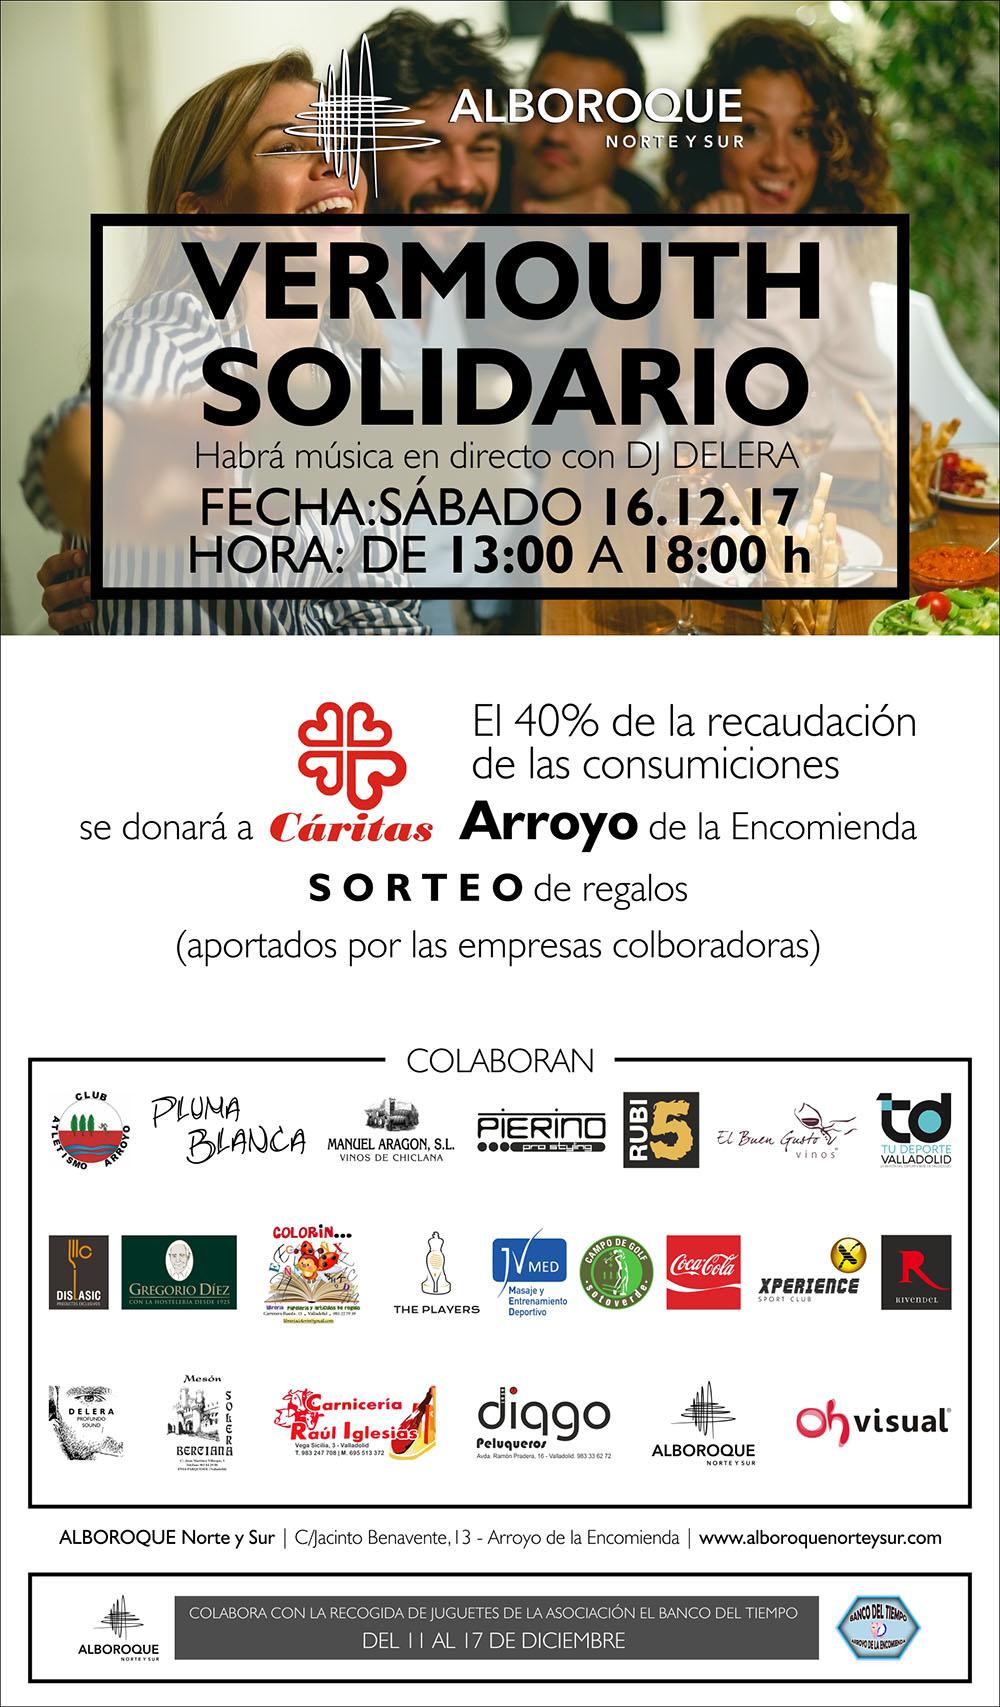 Restaurante Alboroque Vermouth solidario en arroyo de la encomienda valladolid